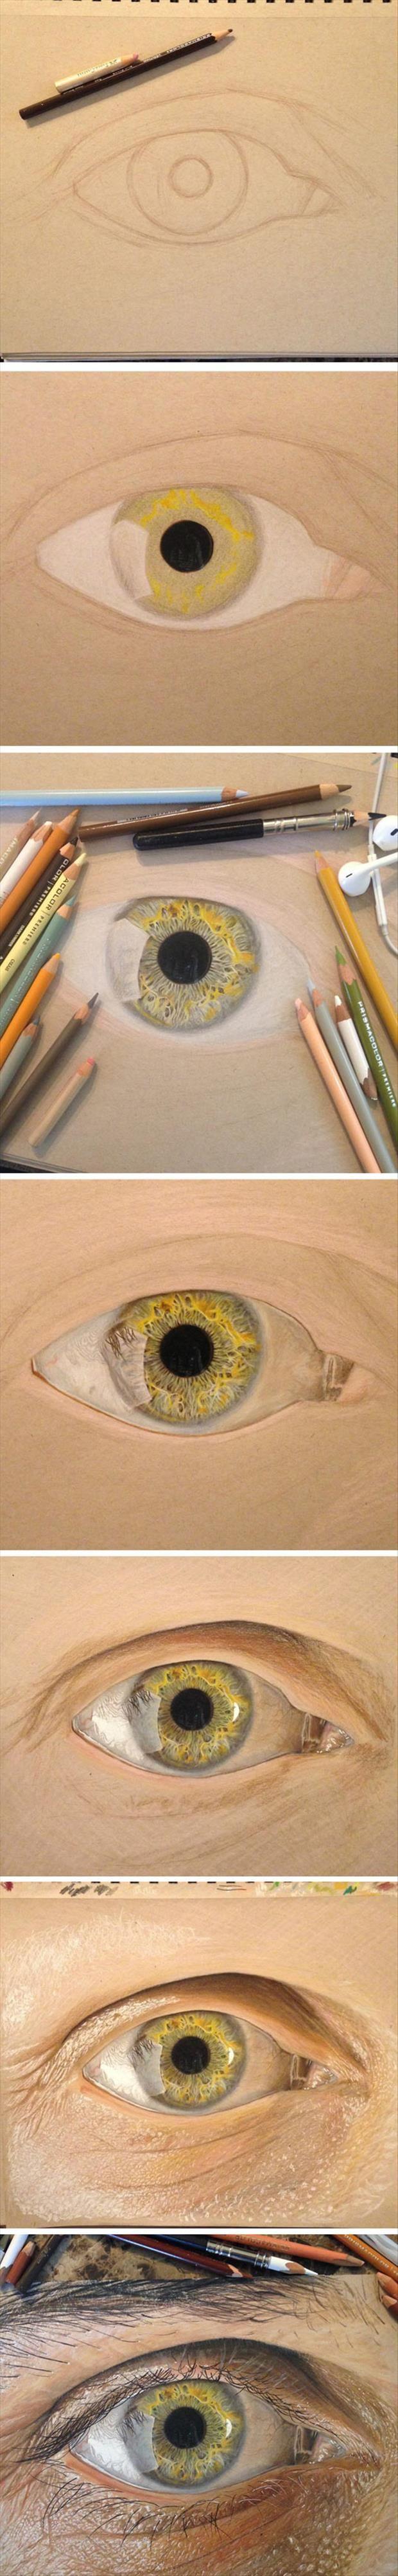 Afdafab Hyper Realistic Eyes